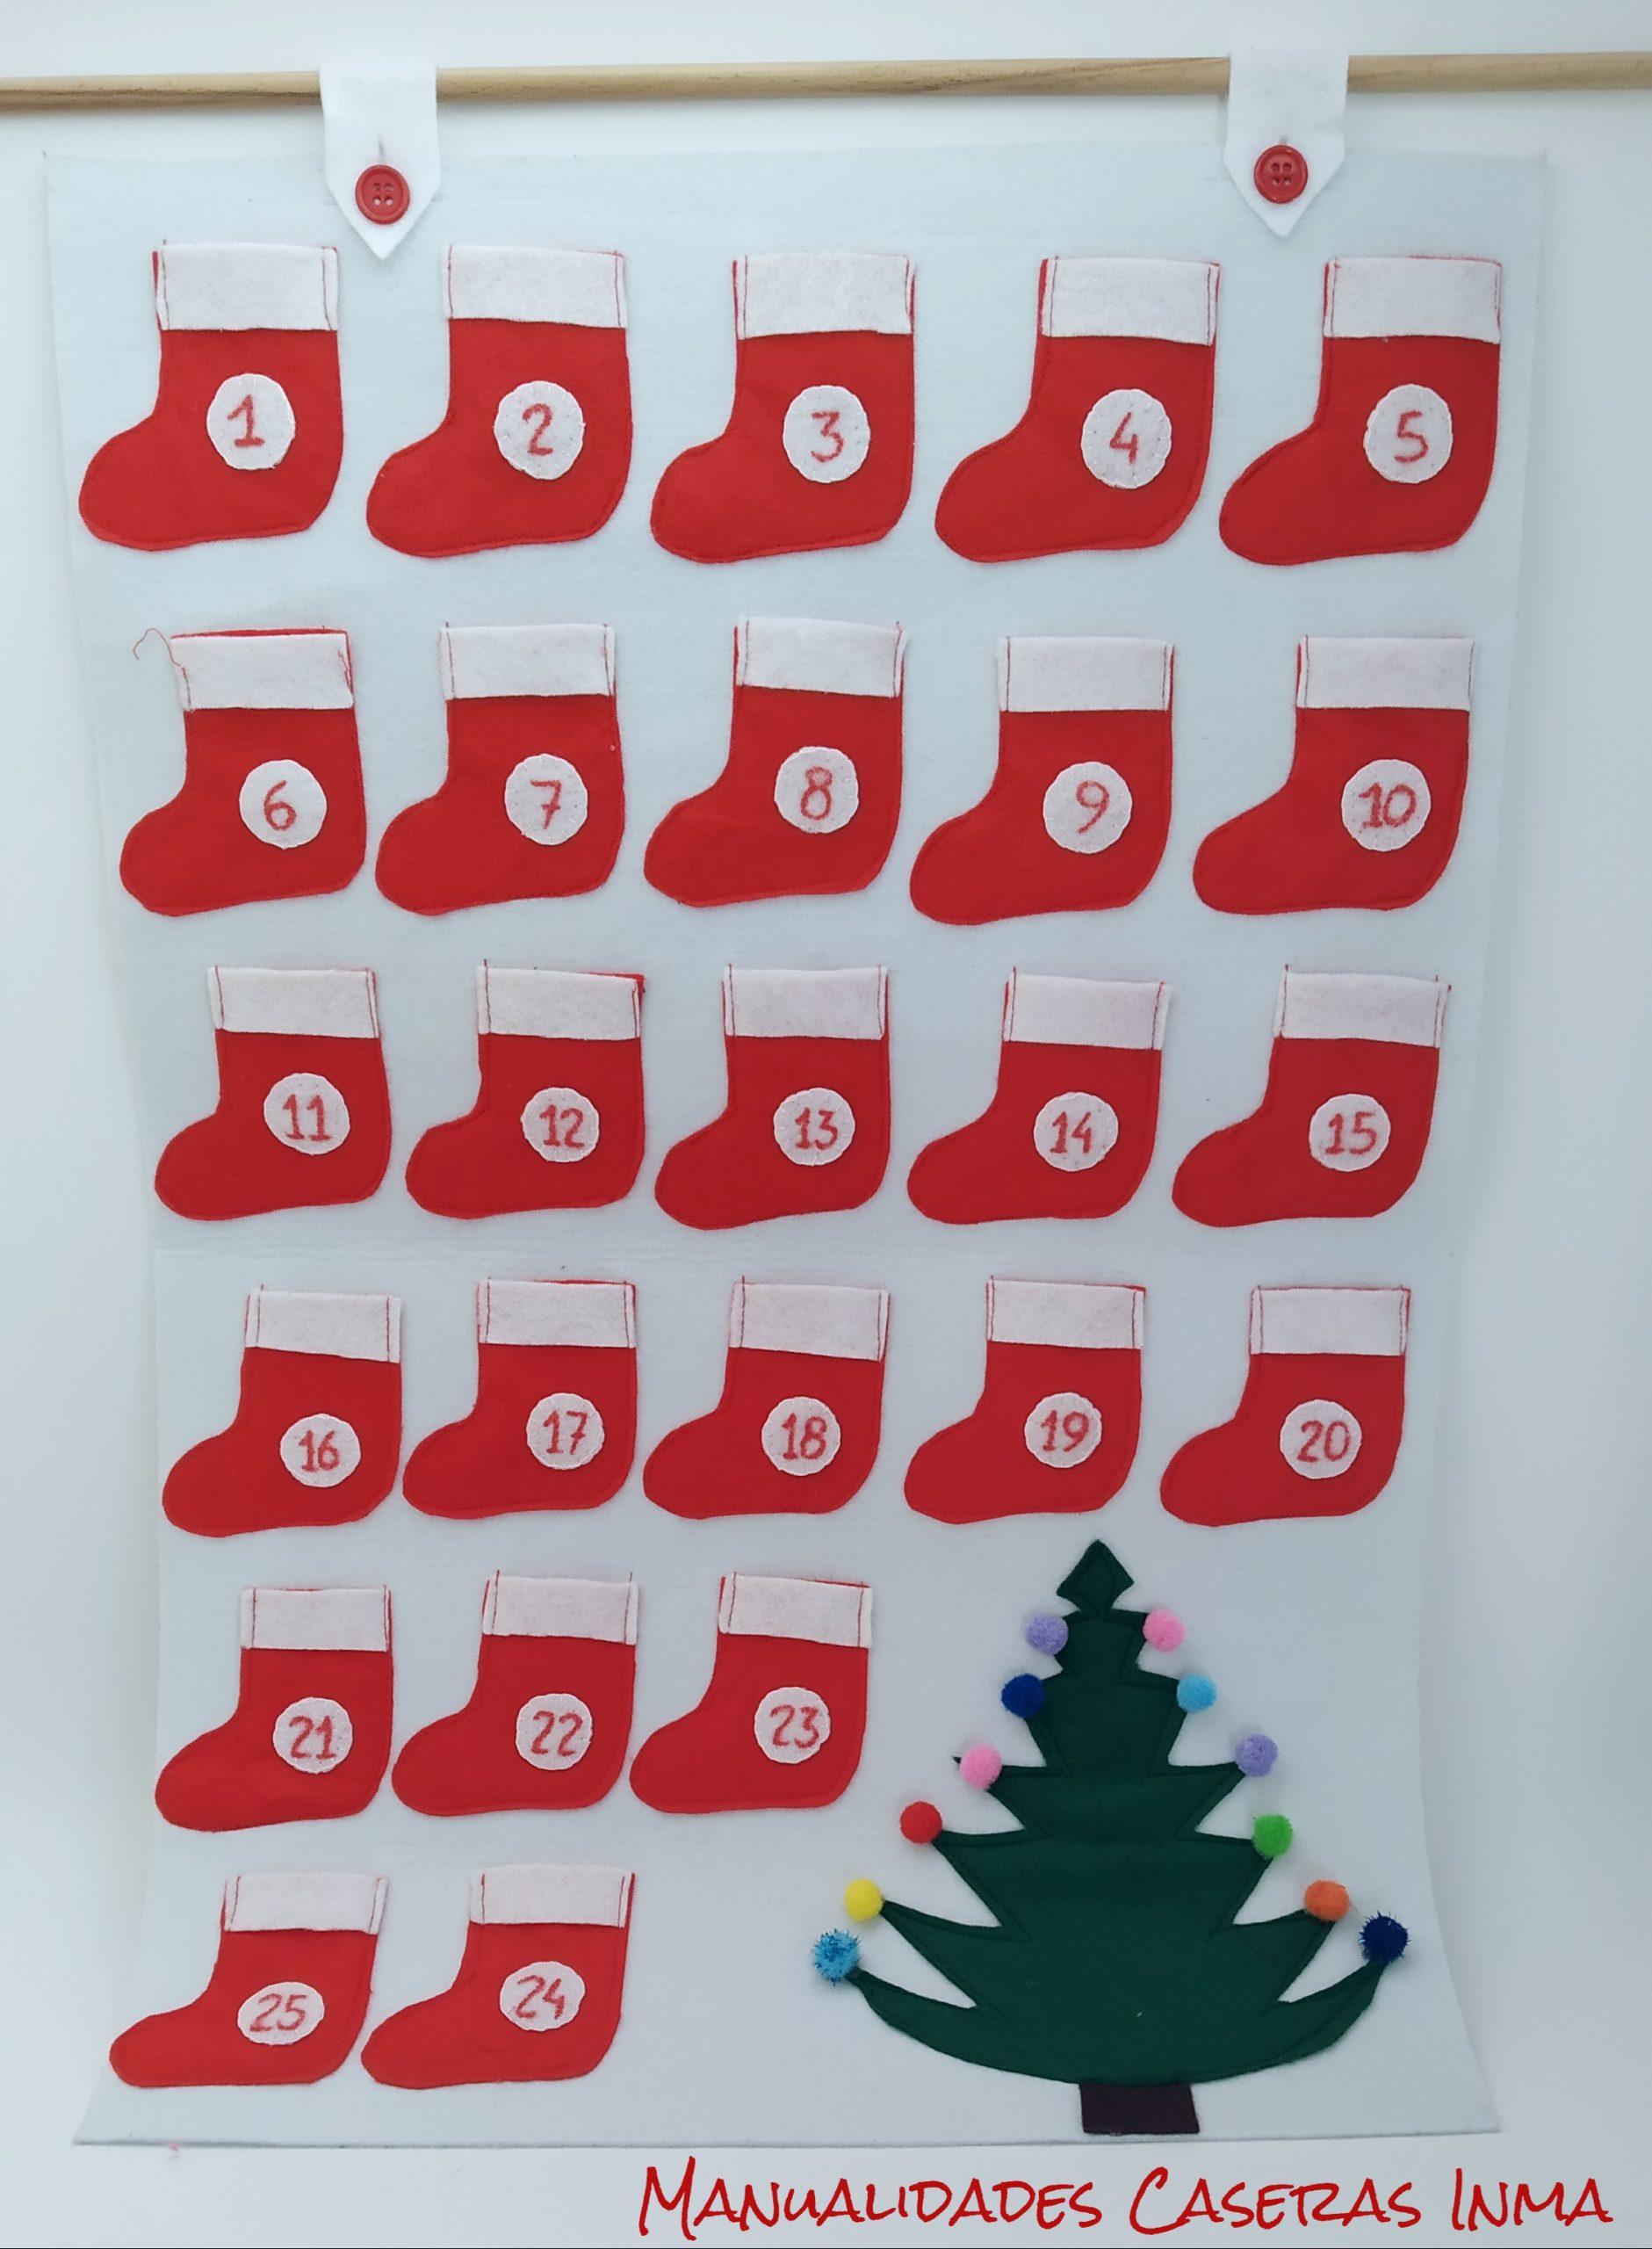 manualidades Caseras Inma_ Calendario de adviento_detalles de la botas y el arbol de navidad